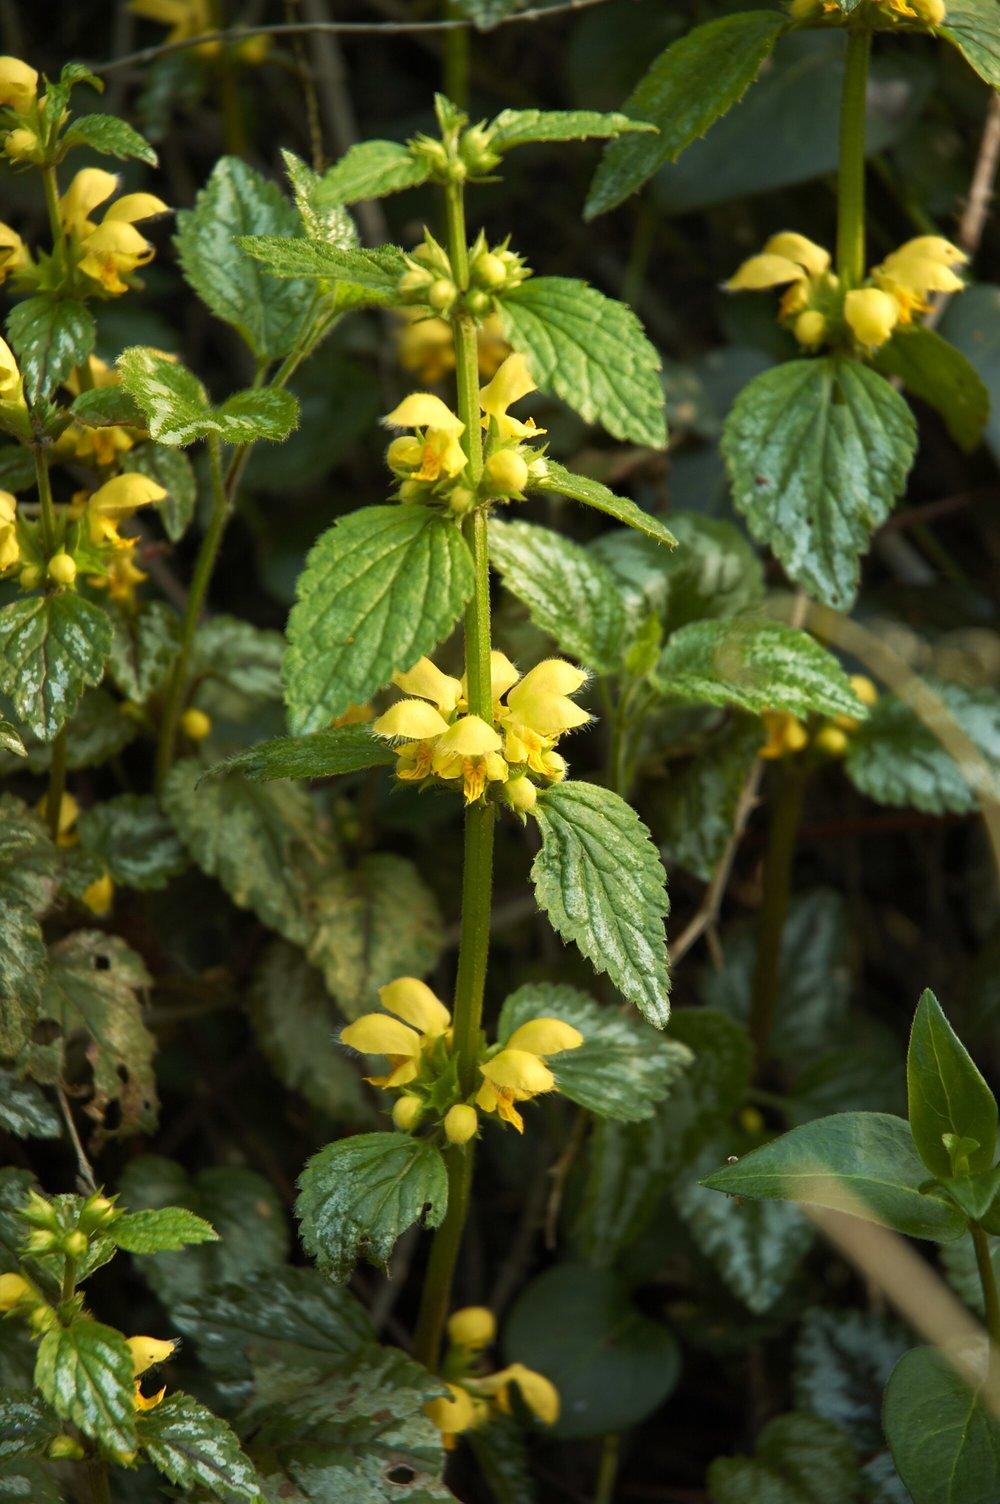 - Plante de 20 à 60 cm de hauteur.Fleurs jaunes avec la corolle pubescente (poils).